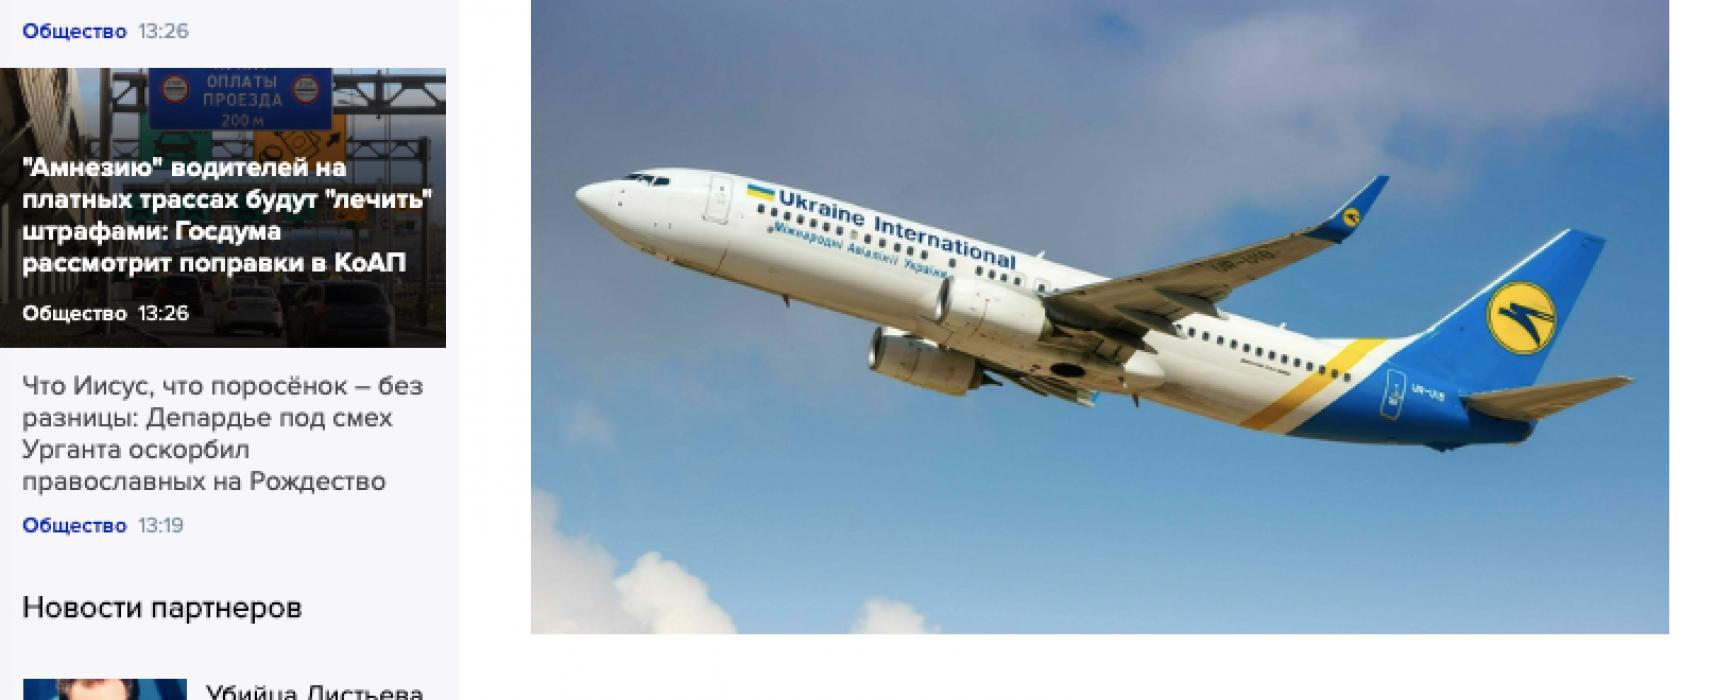 """""""Карма за MH17"""" или сбили """"ради войны на Ближнем Востоке"""": какие версии разгоняли российские СМИ после авиакатастрофы в Иране"""